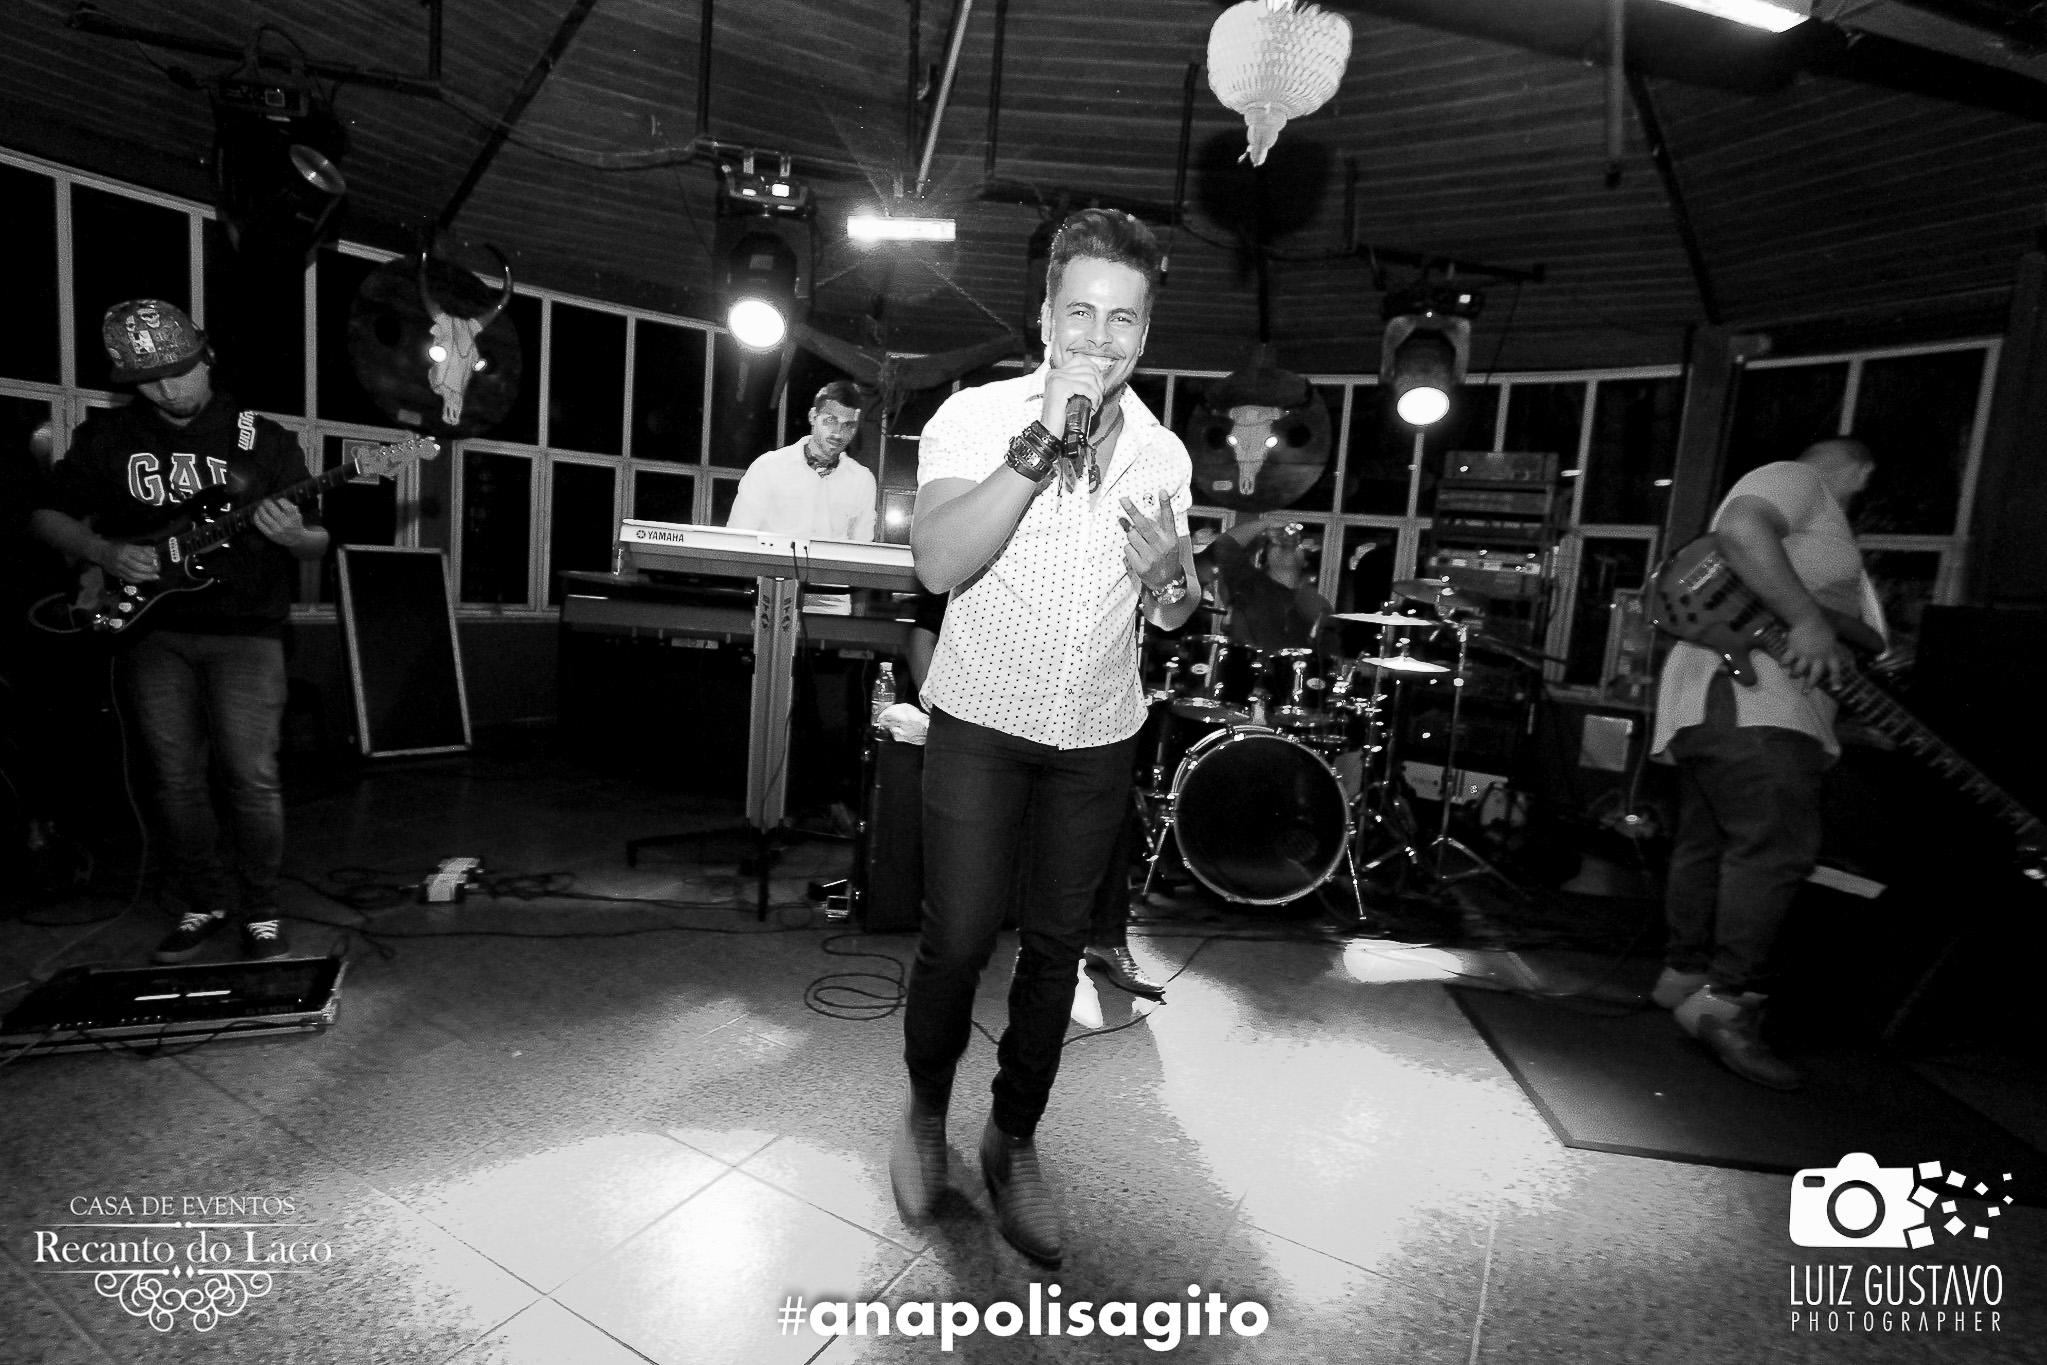 Luiz Gustavo Photographer (49 de 65)